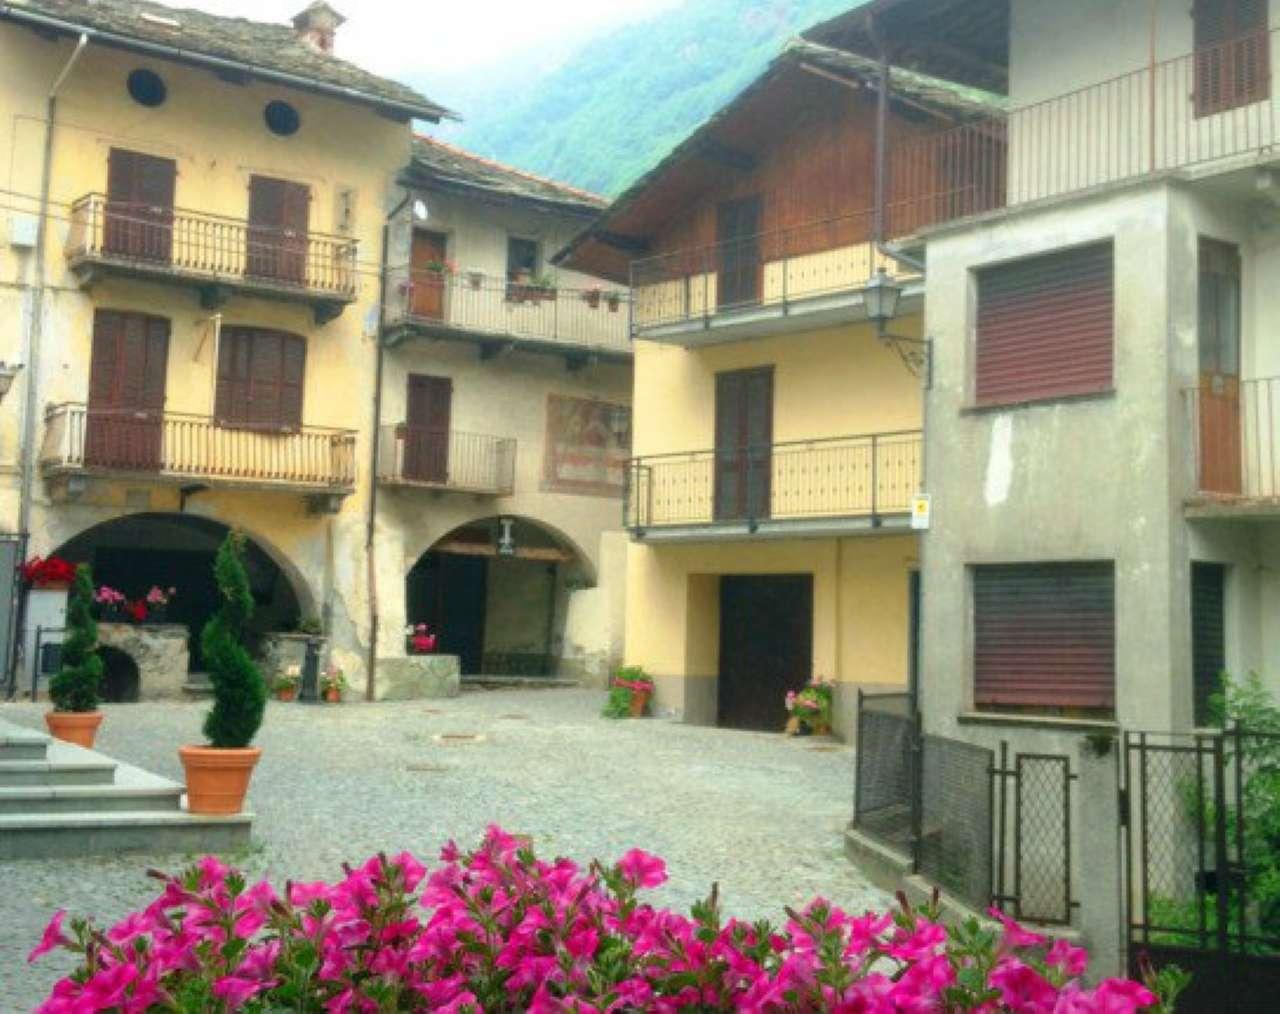 Soluzione Indipendente in vendita a Sparone, 10 locali, prezzo € 95.000 | CambioCasa.it